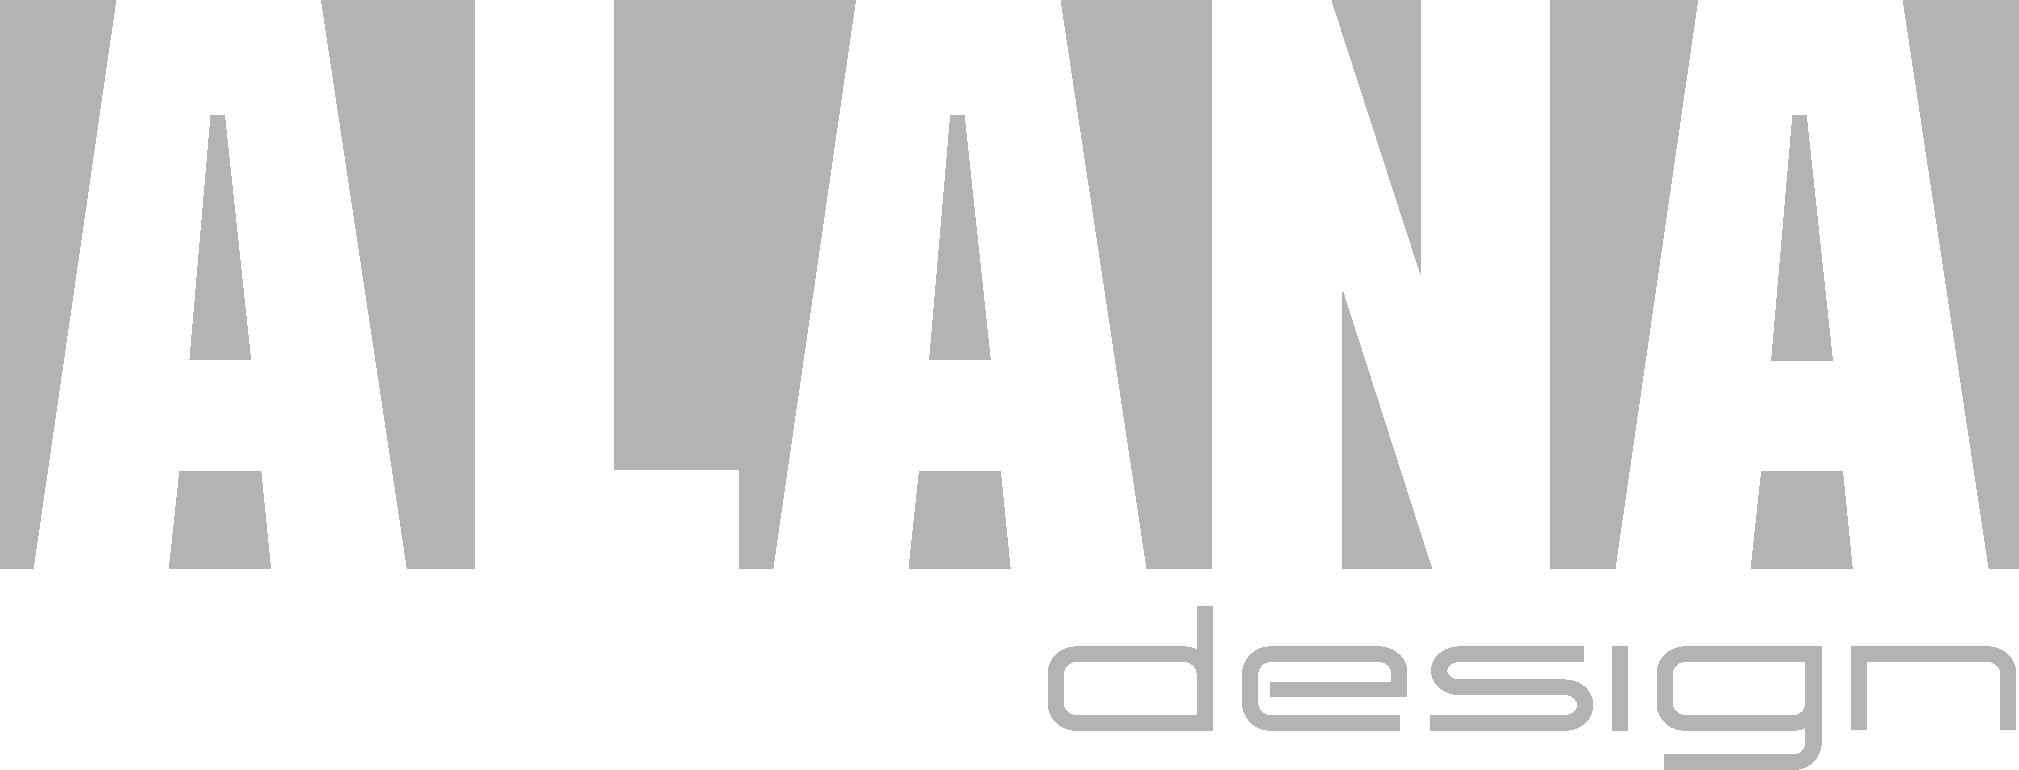 alana_logo